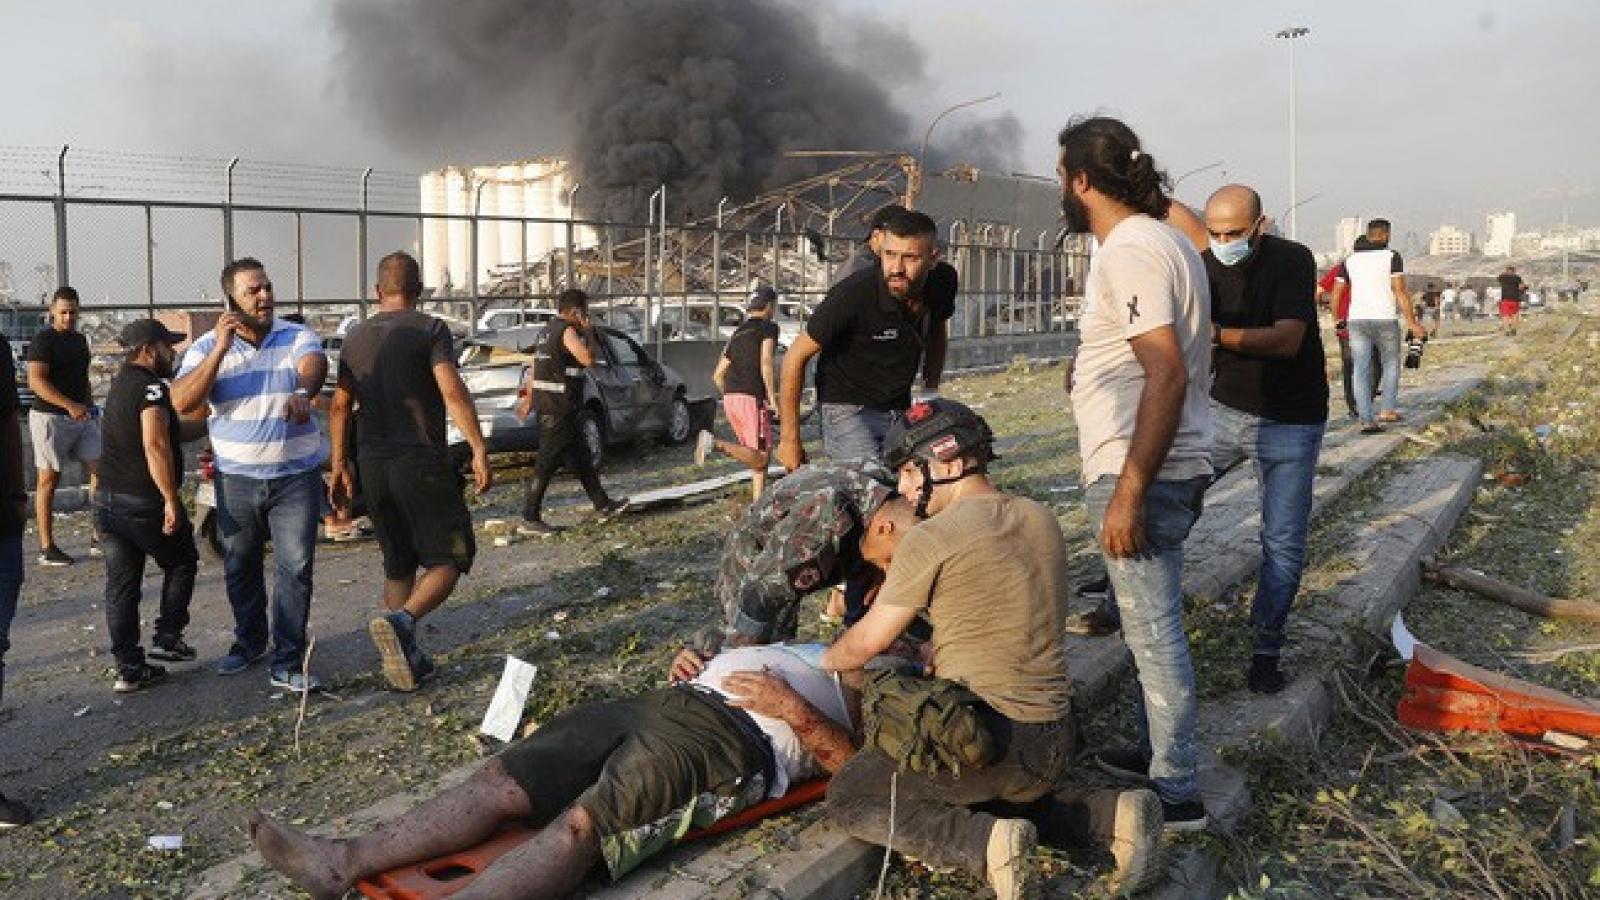 Vụ nổ tại Beirut châm ngòi căng thẳng chính trị, xã hội ở Lebanon